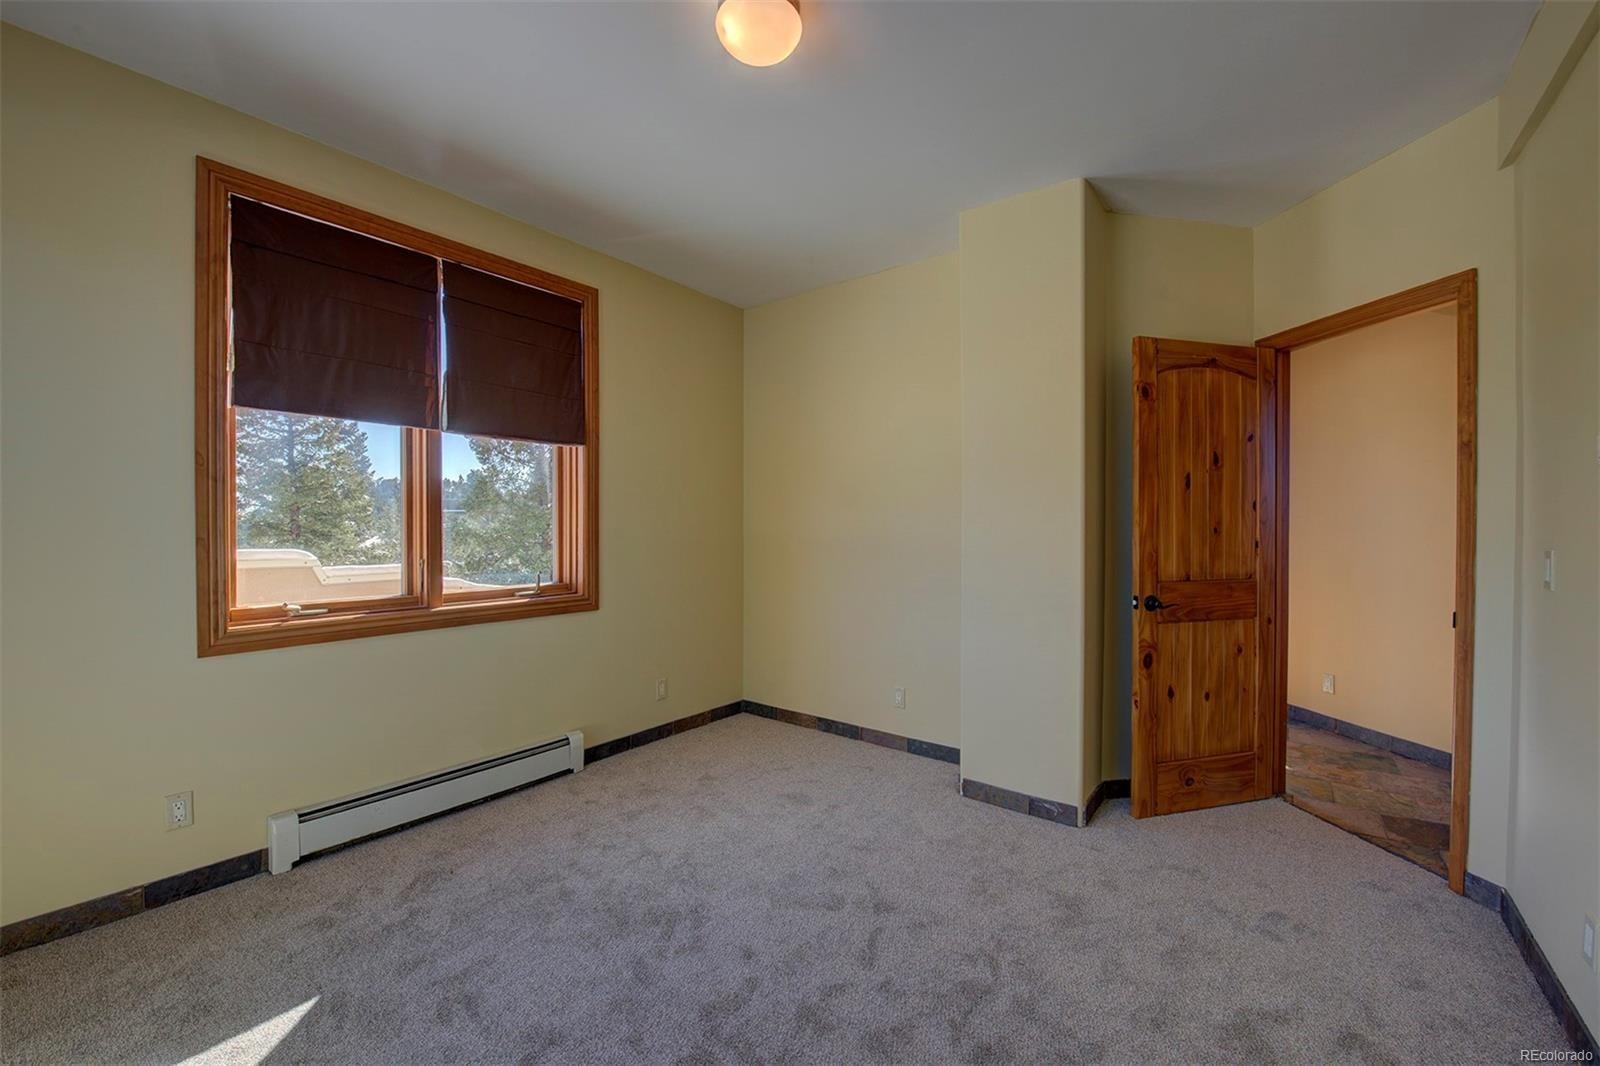 MLS# 4674664 - 28 - 13199 S Mohawk Street, Pine, CO 80470